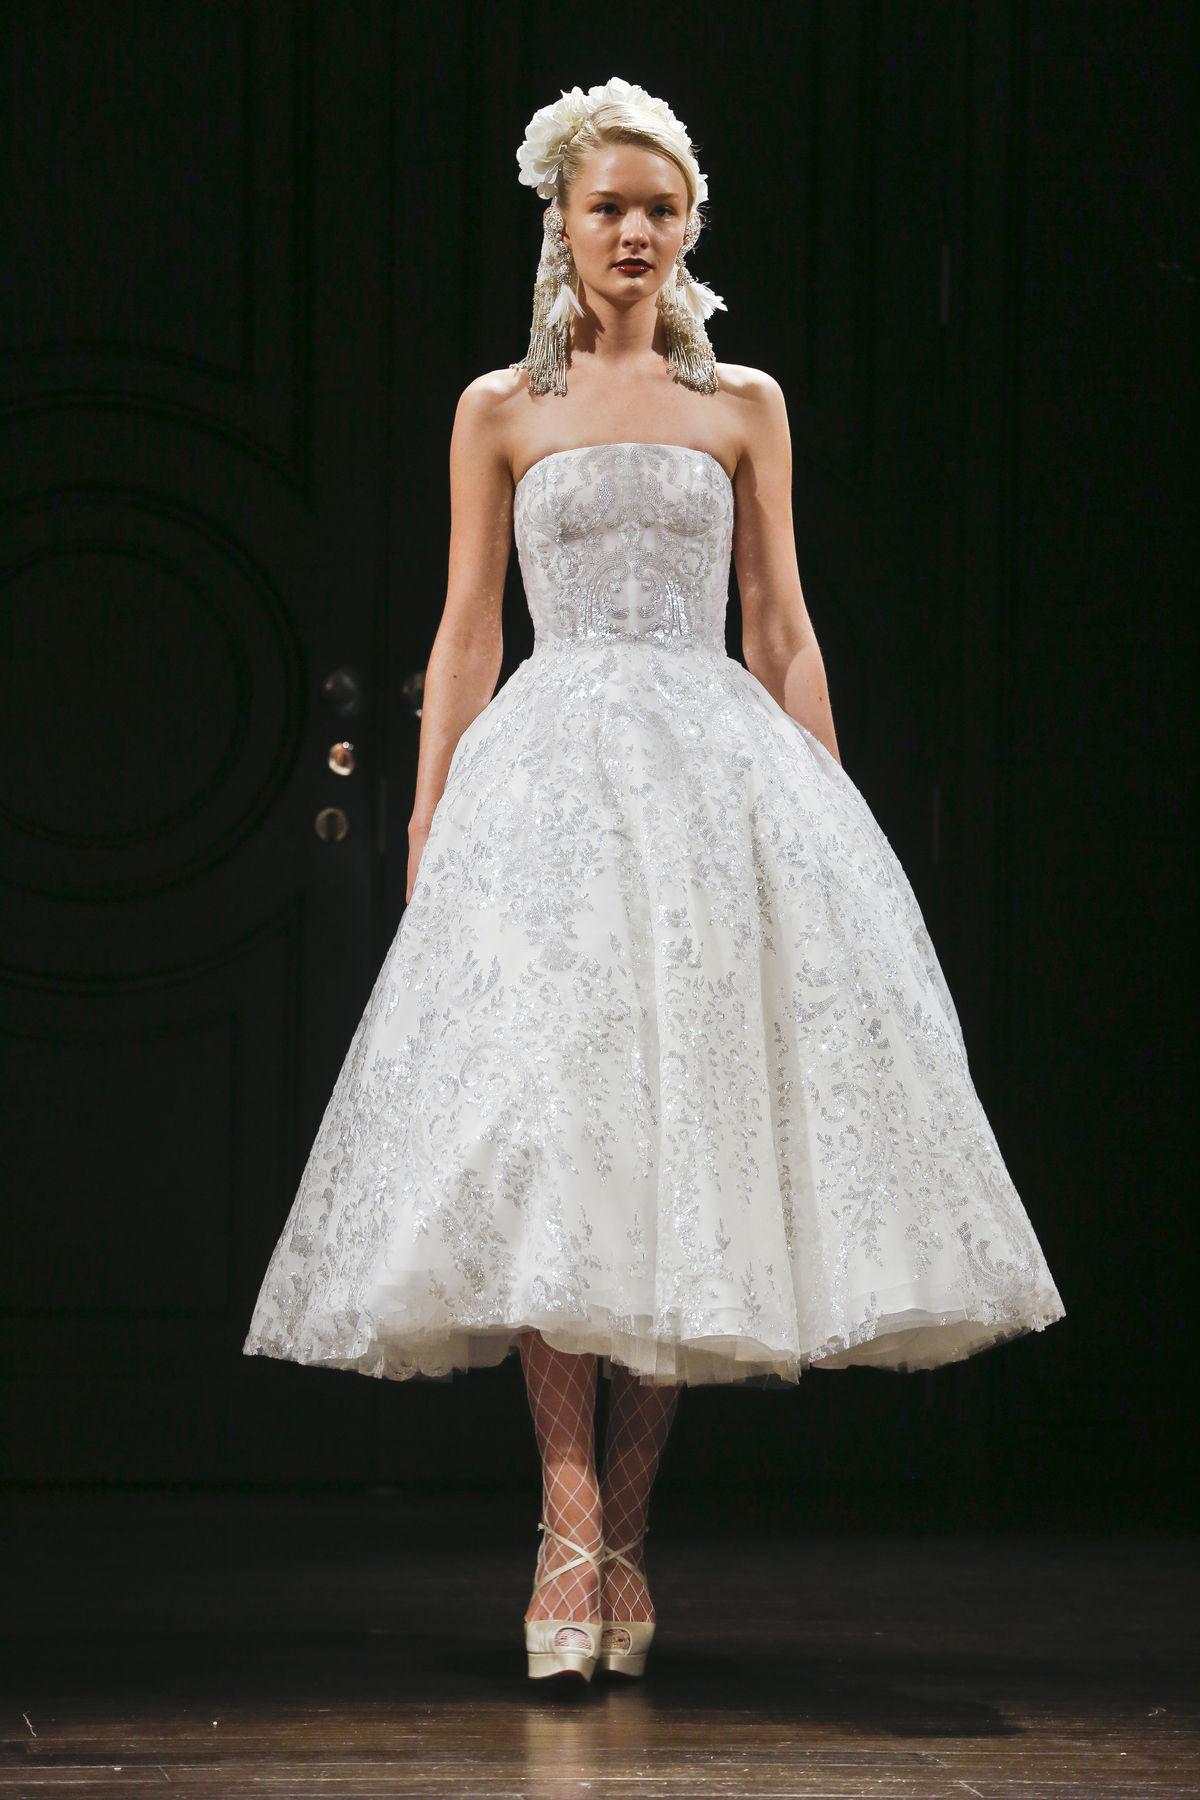 dd04d8df5172 Nové svadobné trendy na sezónu Jar Leto Modelka vo svadobných šatách u  kolekcie dizajnéra Naeema Khana.